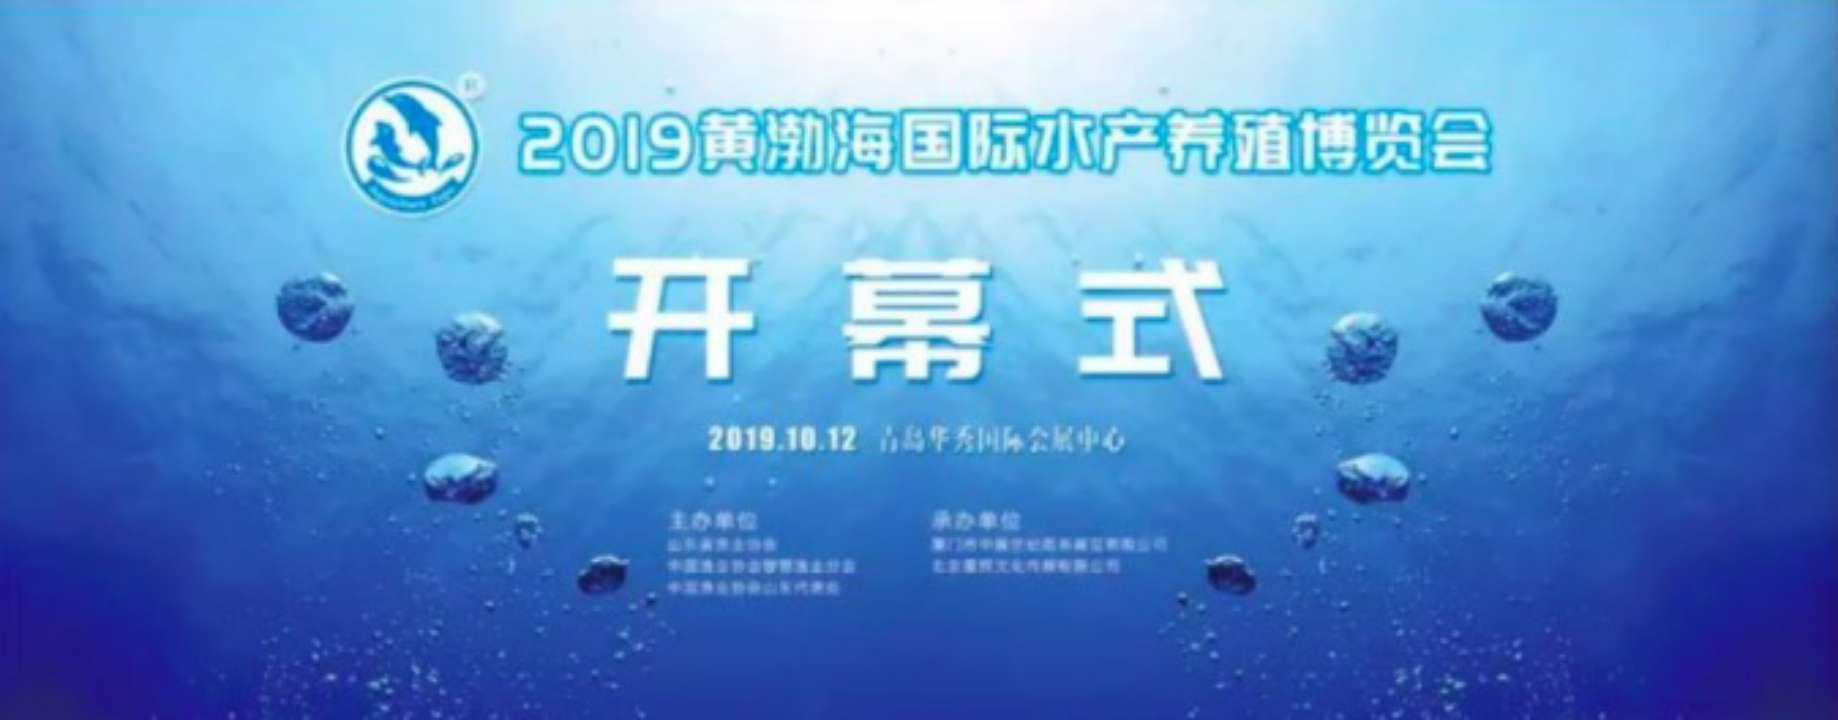 关注智慧渔业绿色发展 2019黄渤海国际水产养殖展览会12日开展